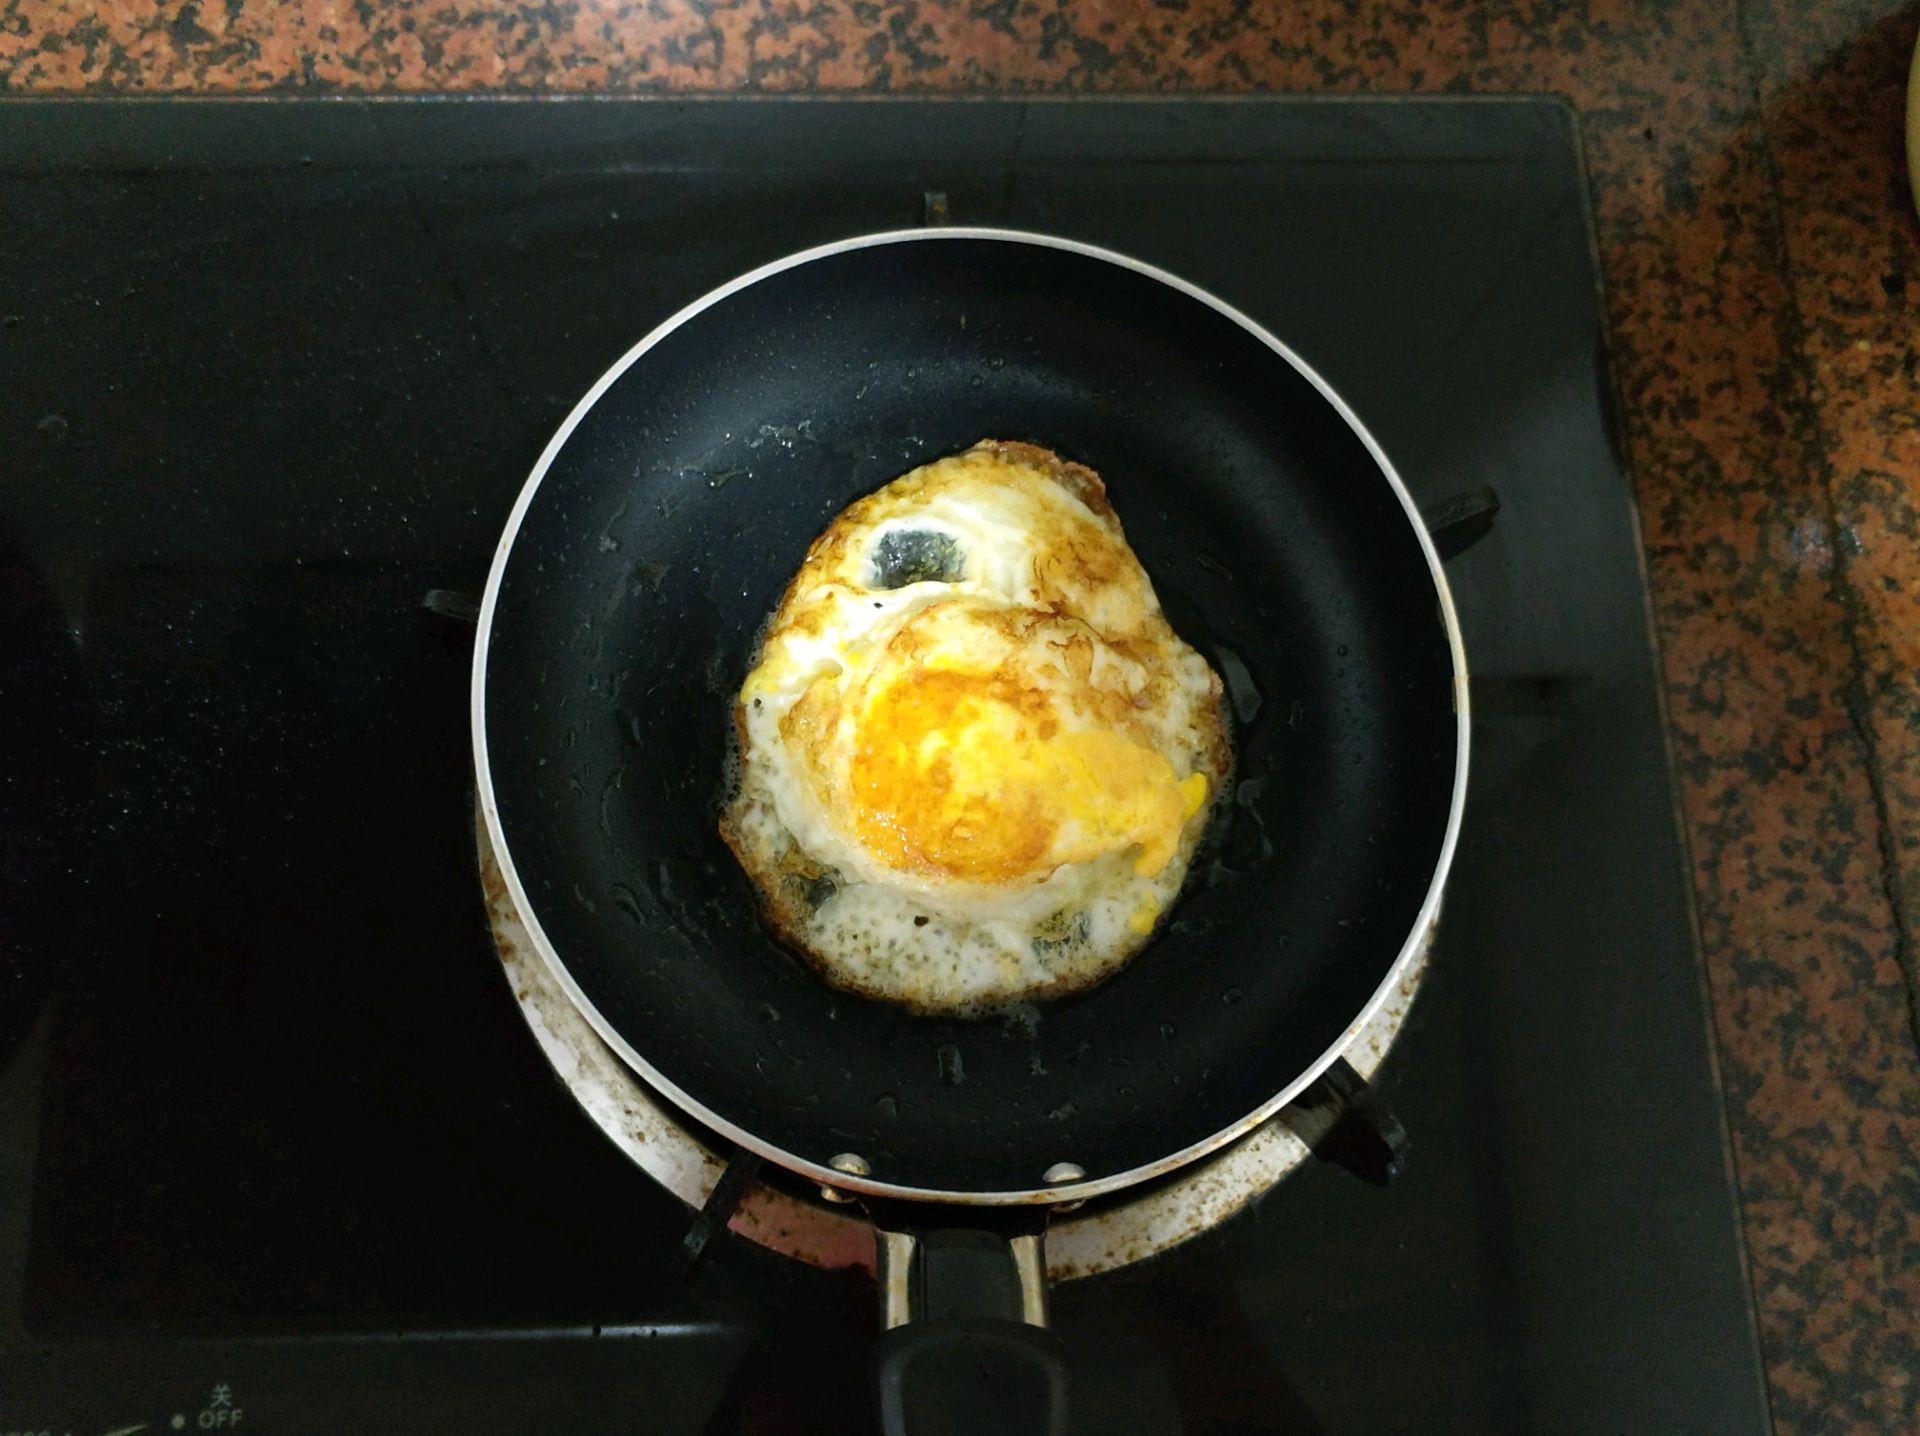 """Món mì tôm """"tầm thường"""" sẽ trở nên ngon """"đẳng cấp"""" sau khi bạn nấu theo cách này - Ảnh 7"""